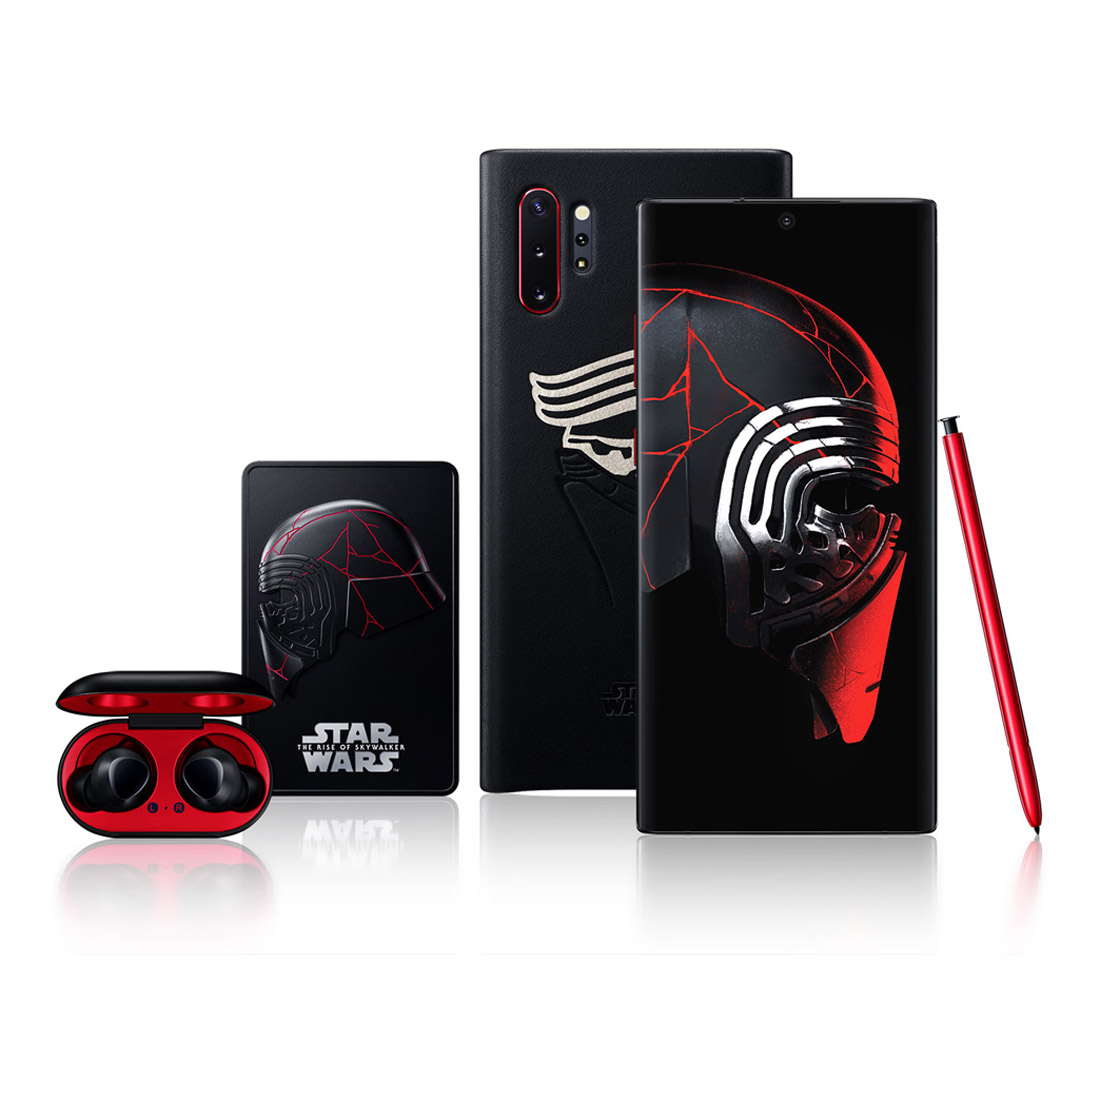 Samsung Galaxy Note 10+ Plus Star Wars Edition Bundle (w/ Galaxy Buds, 256GB/12GB) - Black